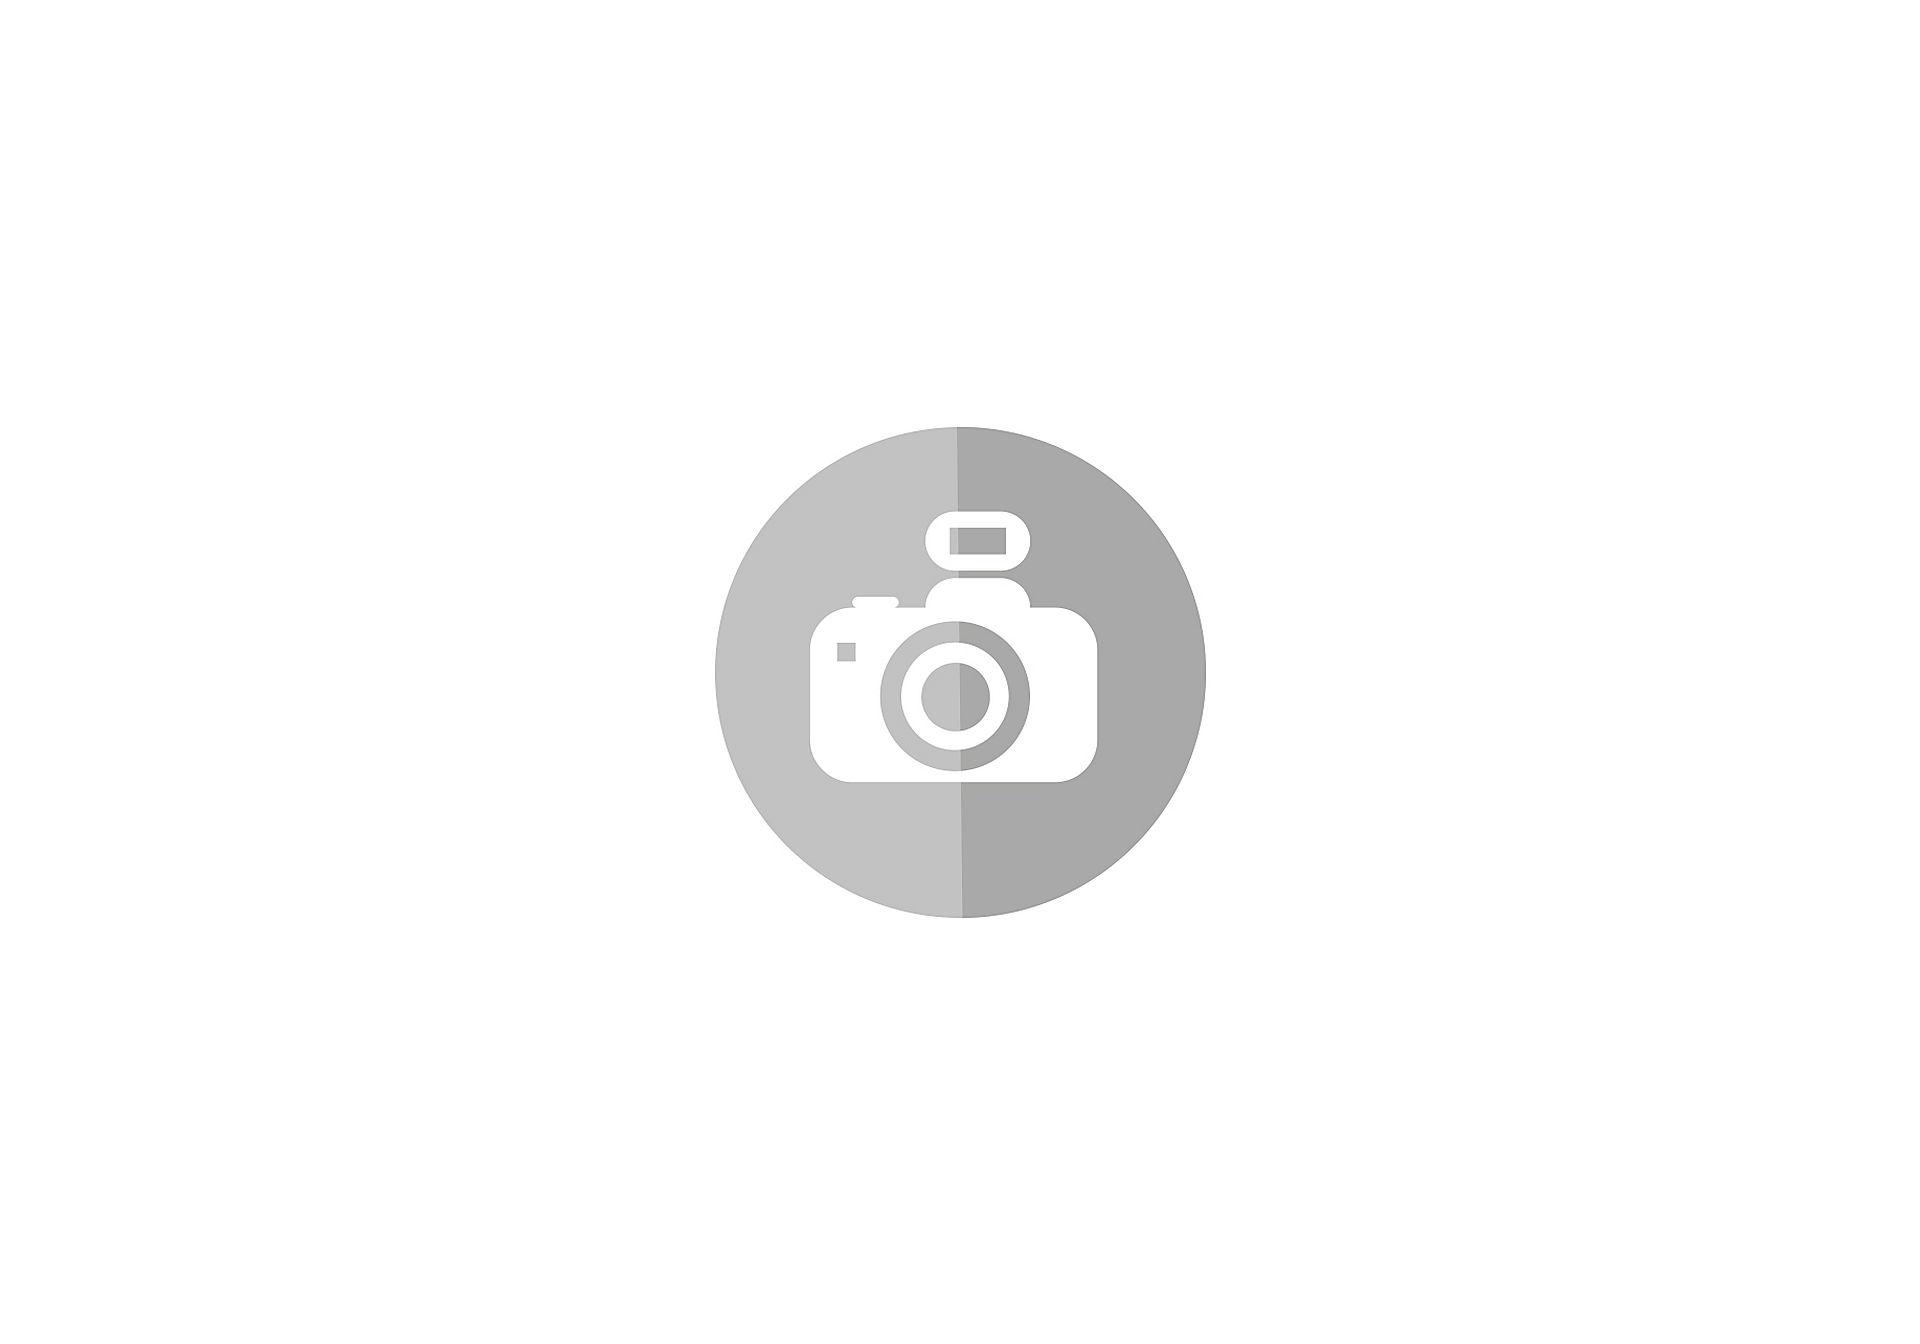 70778 Calendário do Advento Novelmore Oficina de Dario zoom image3